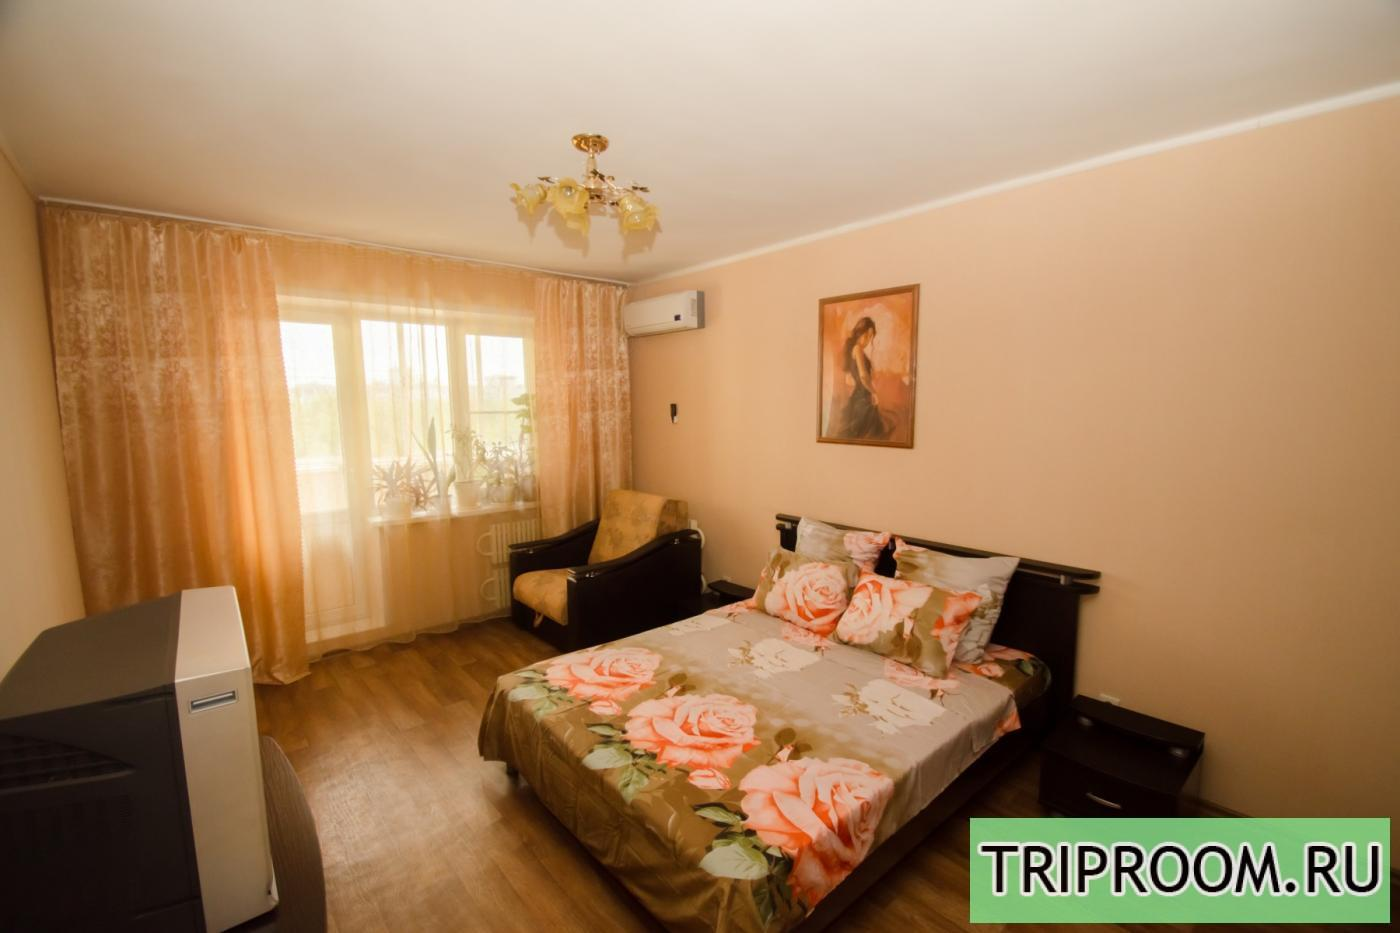 1-комнатная квартира посуточно (вариант № 2483), ул. Мордасовой улица, фото № 1